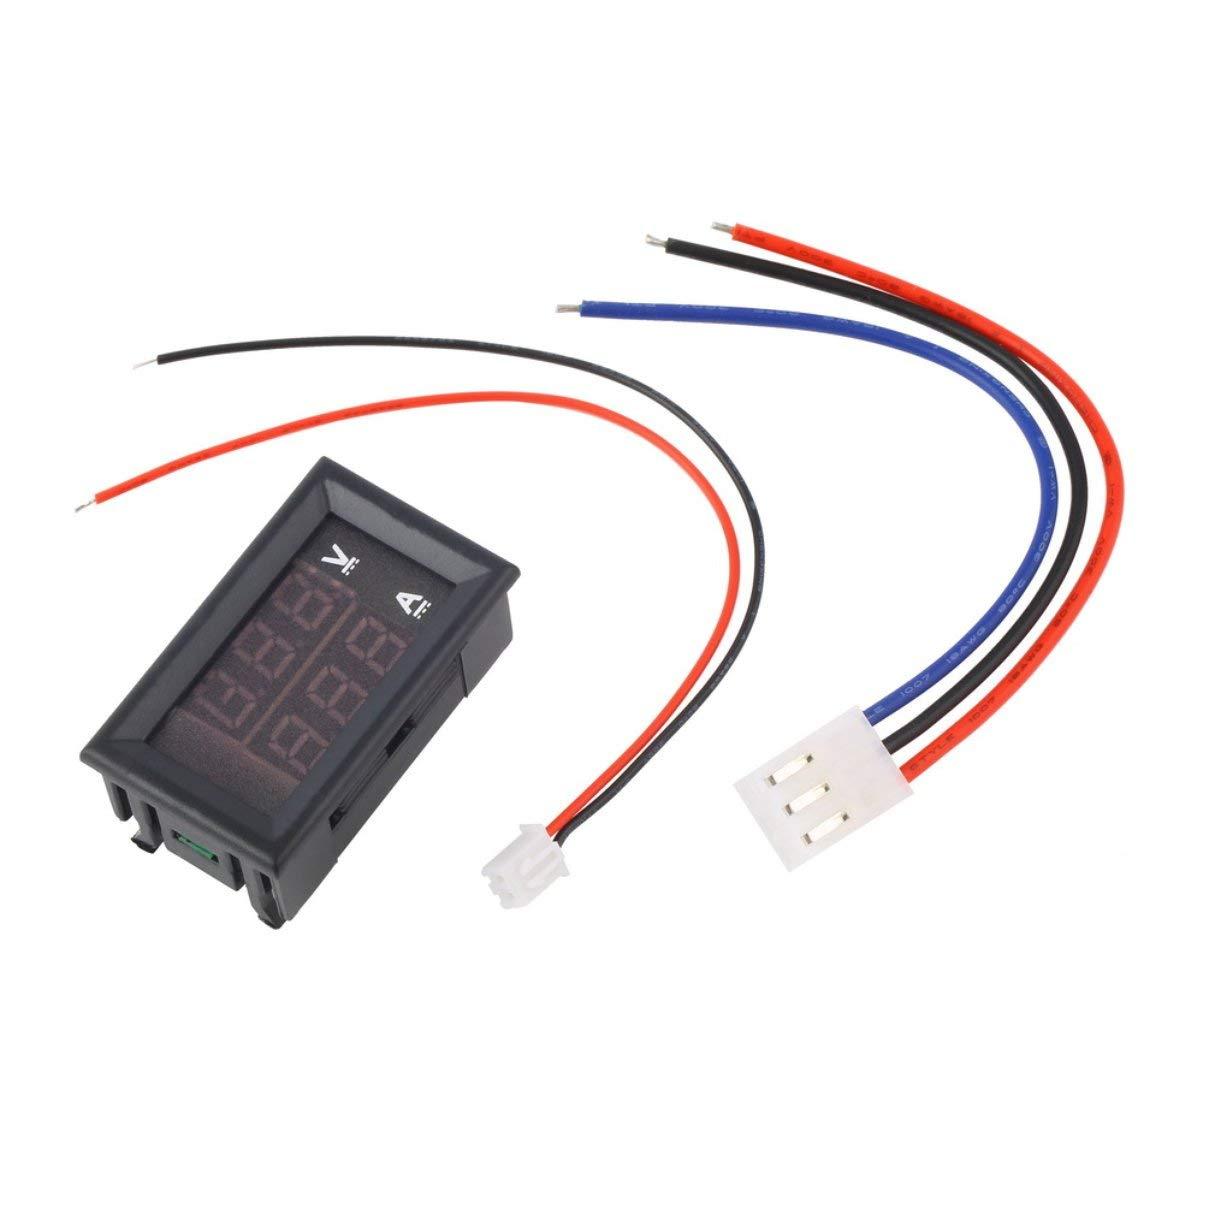 EmNarsissus 12V 20000mAh Mini Multifonctionnel Portable Voiture Saut Dé marreur Power Booster Chargeur de Batterie Chargeur De Dé marrage D'urgence (blanc)